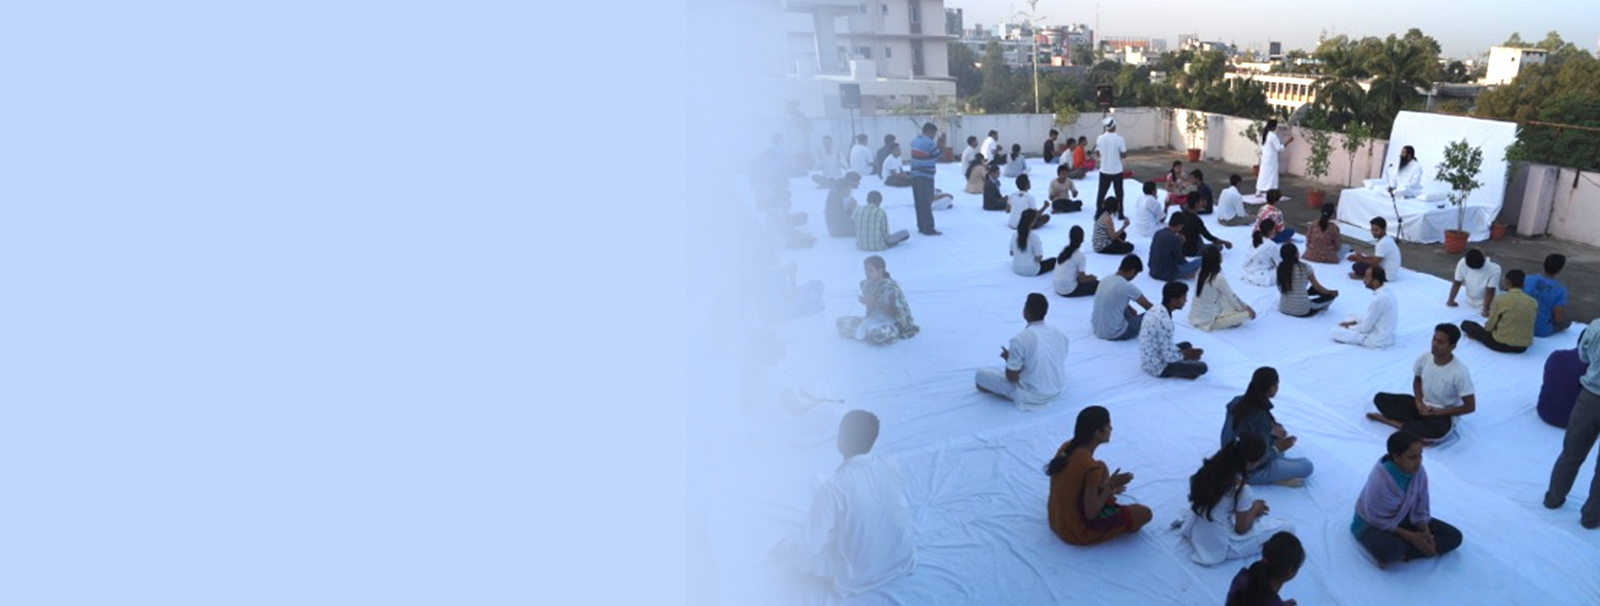 Meditation camps